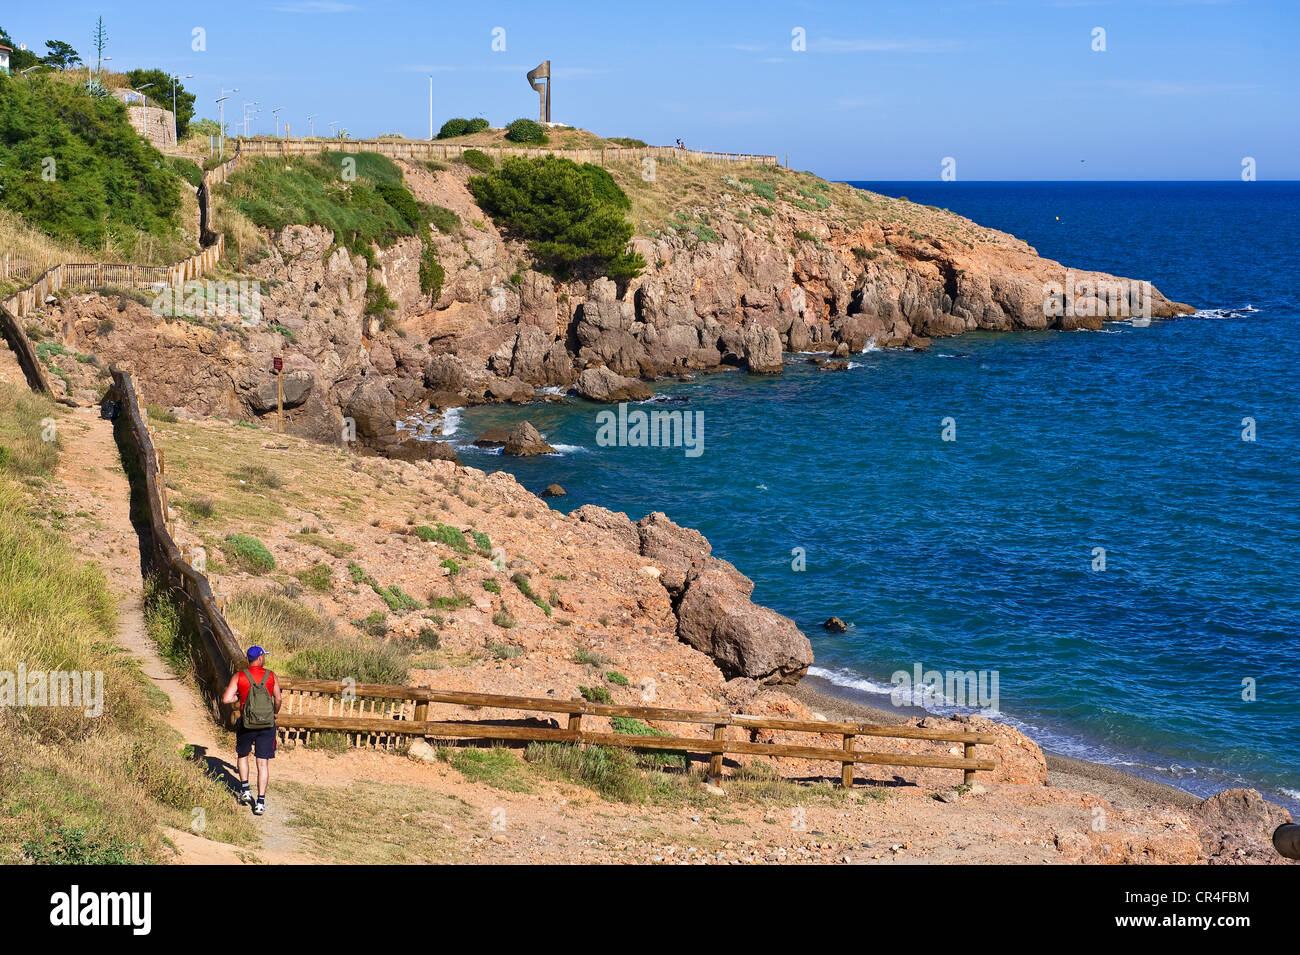 France, Herault, Sete, Crique de la Nau, littoral path on the Corniche - Stock Image